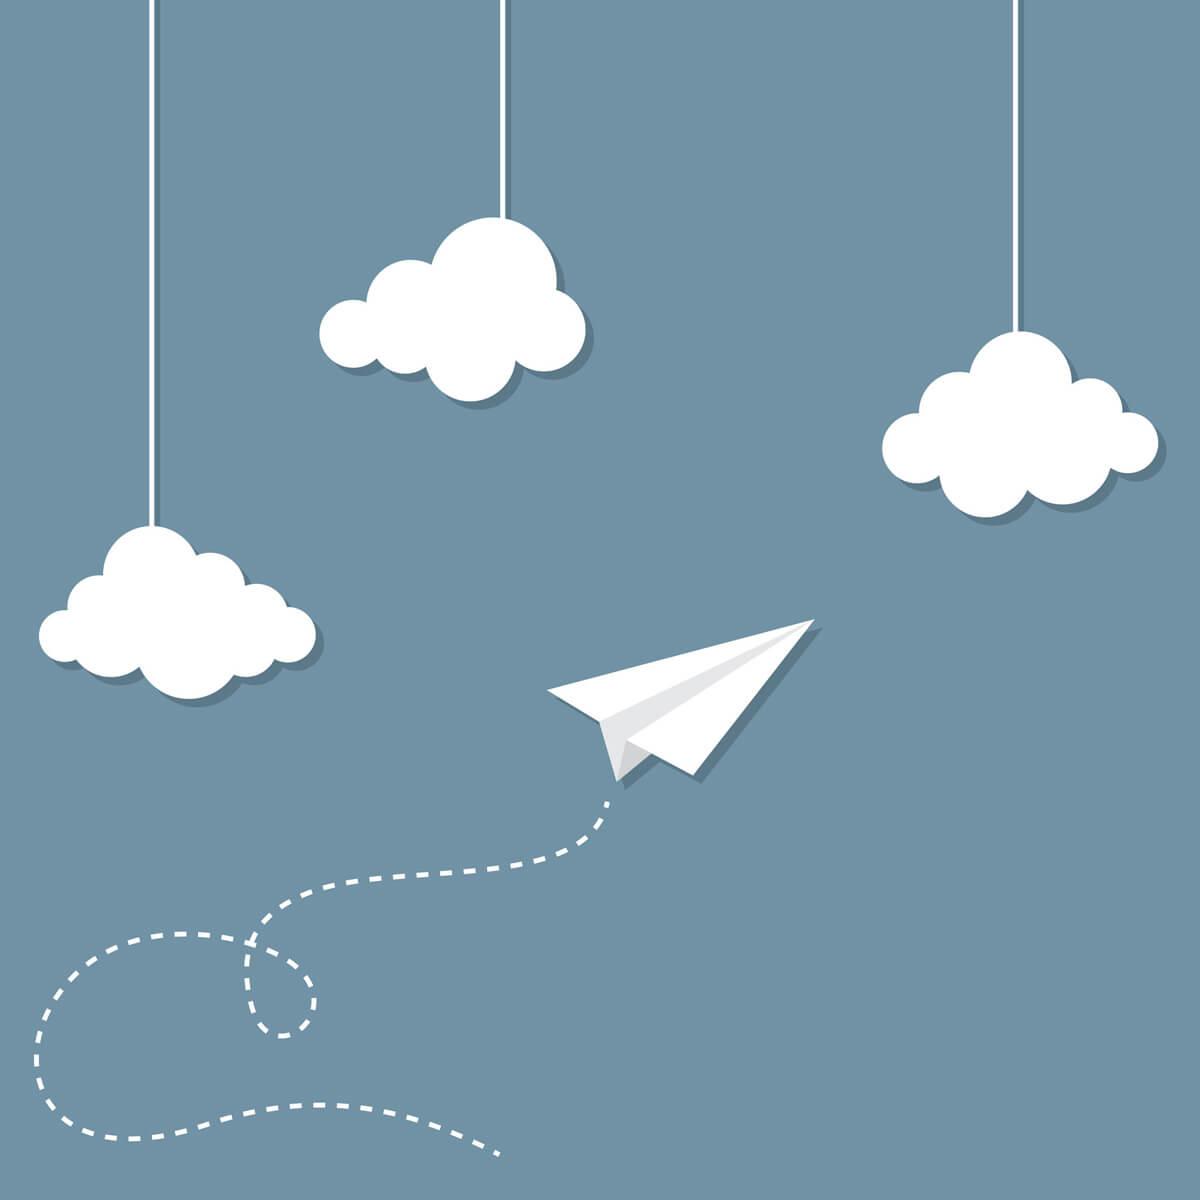 Verbinden Sie Ihren B2B-Onlineshop mit Ihrem ERP-System